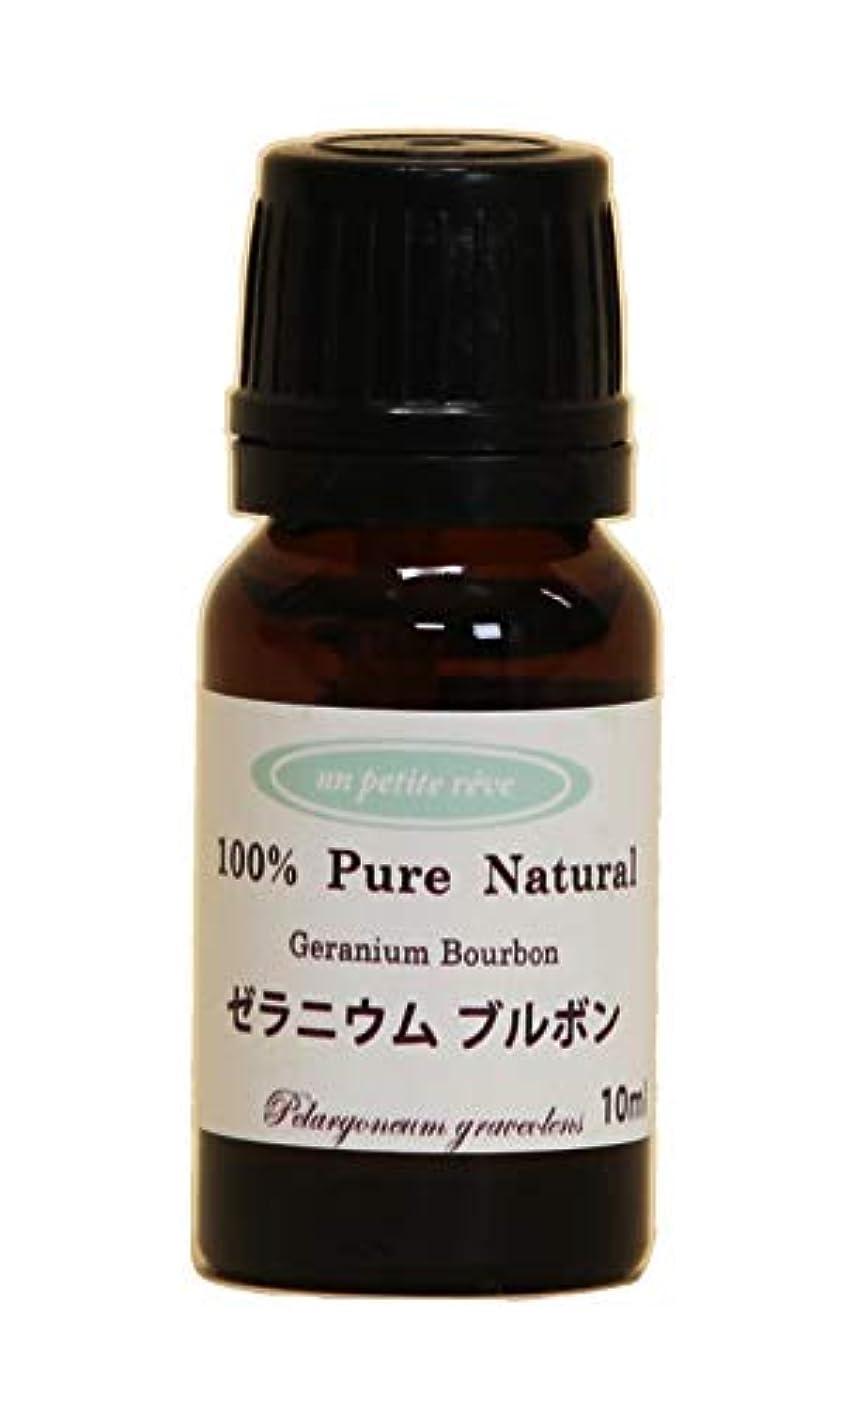 分泌するしないでください温度ゼラニウムブルボン  10ml 100%天然アロマエッセンシャルオイル(精油)